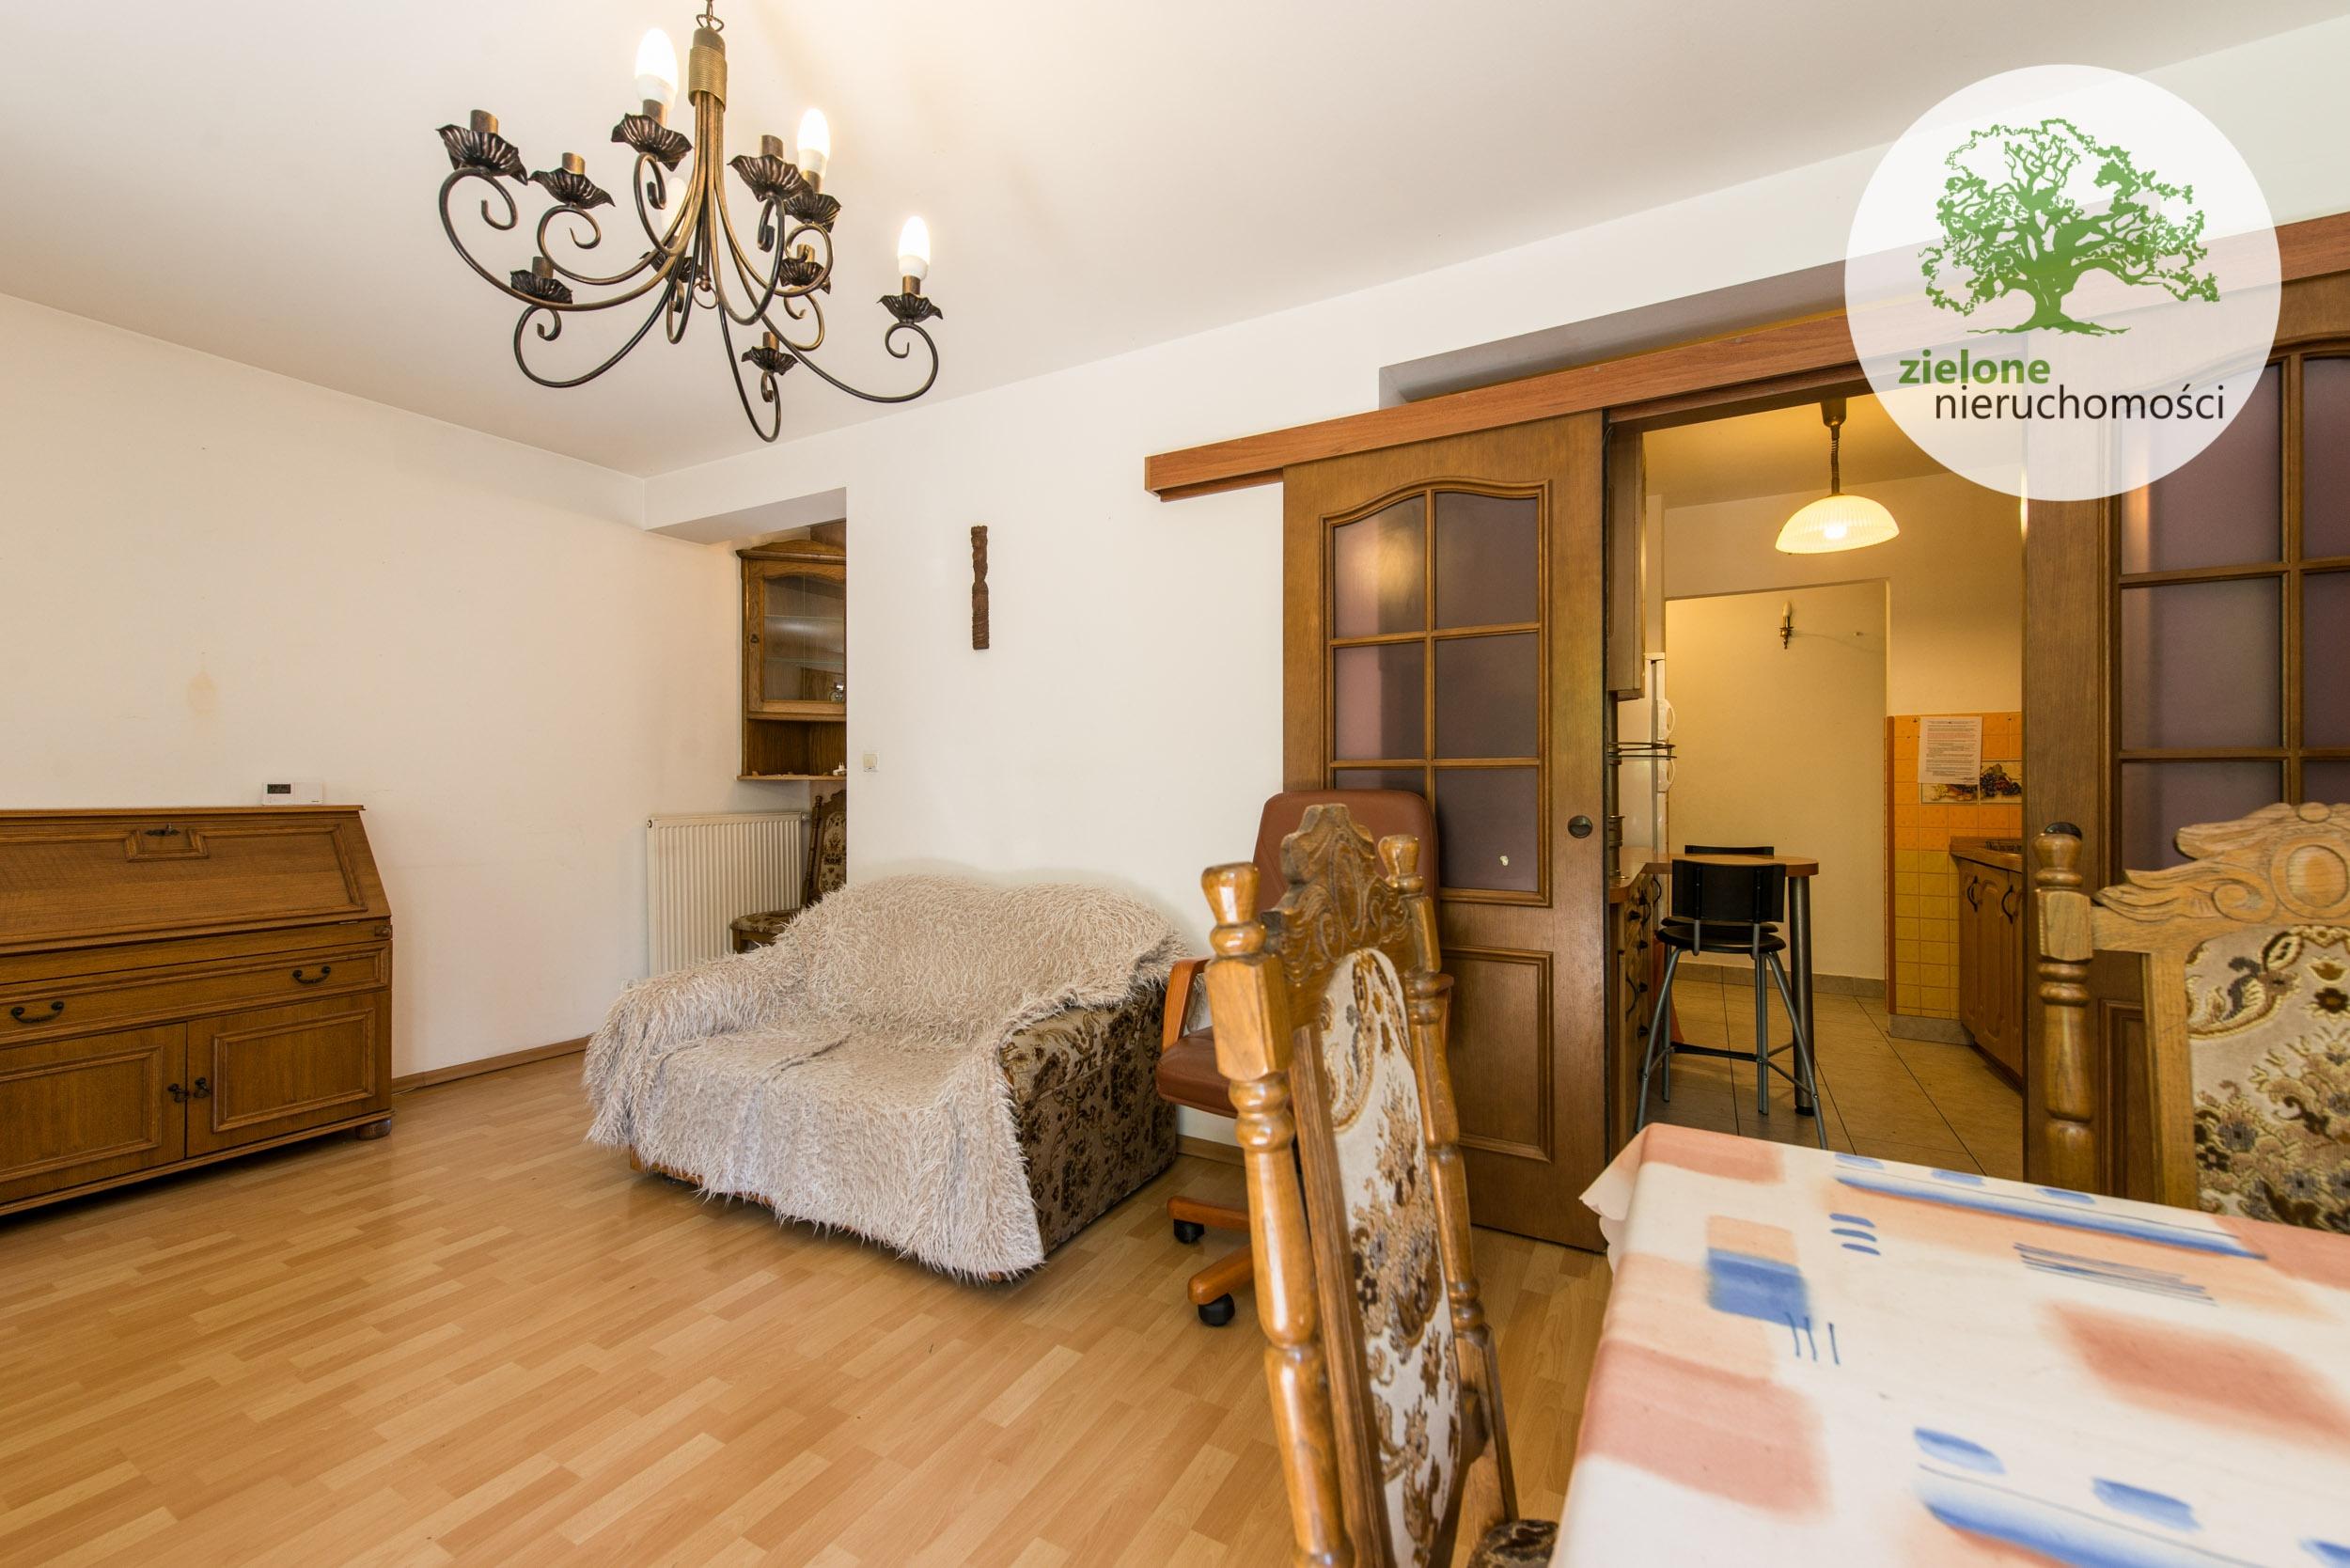 Zdjęcie 12Dwupokojowe mieszkanie na wynajem w zabudowie szeregowej